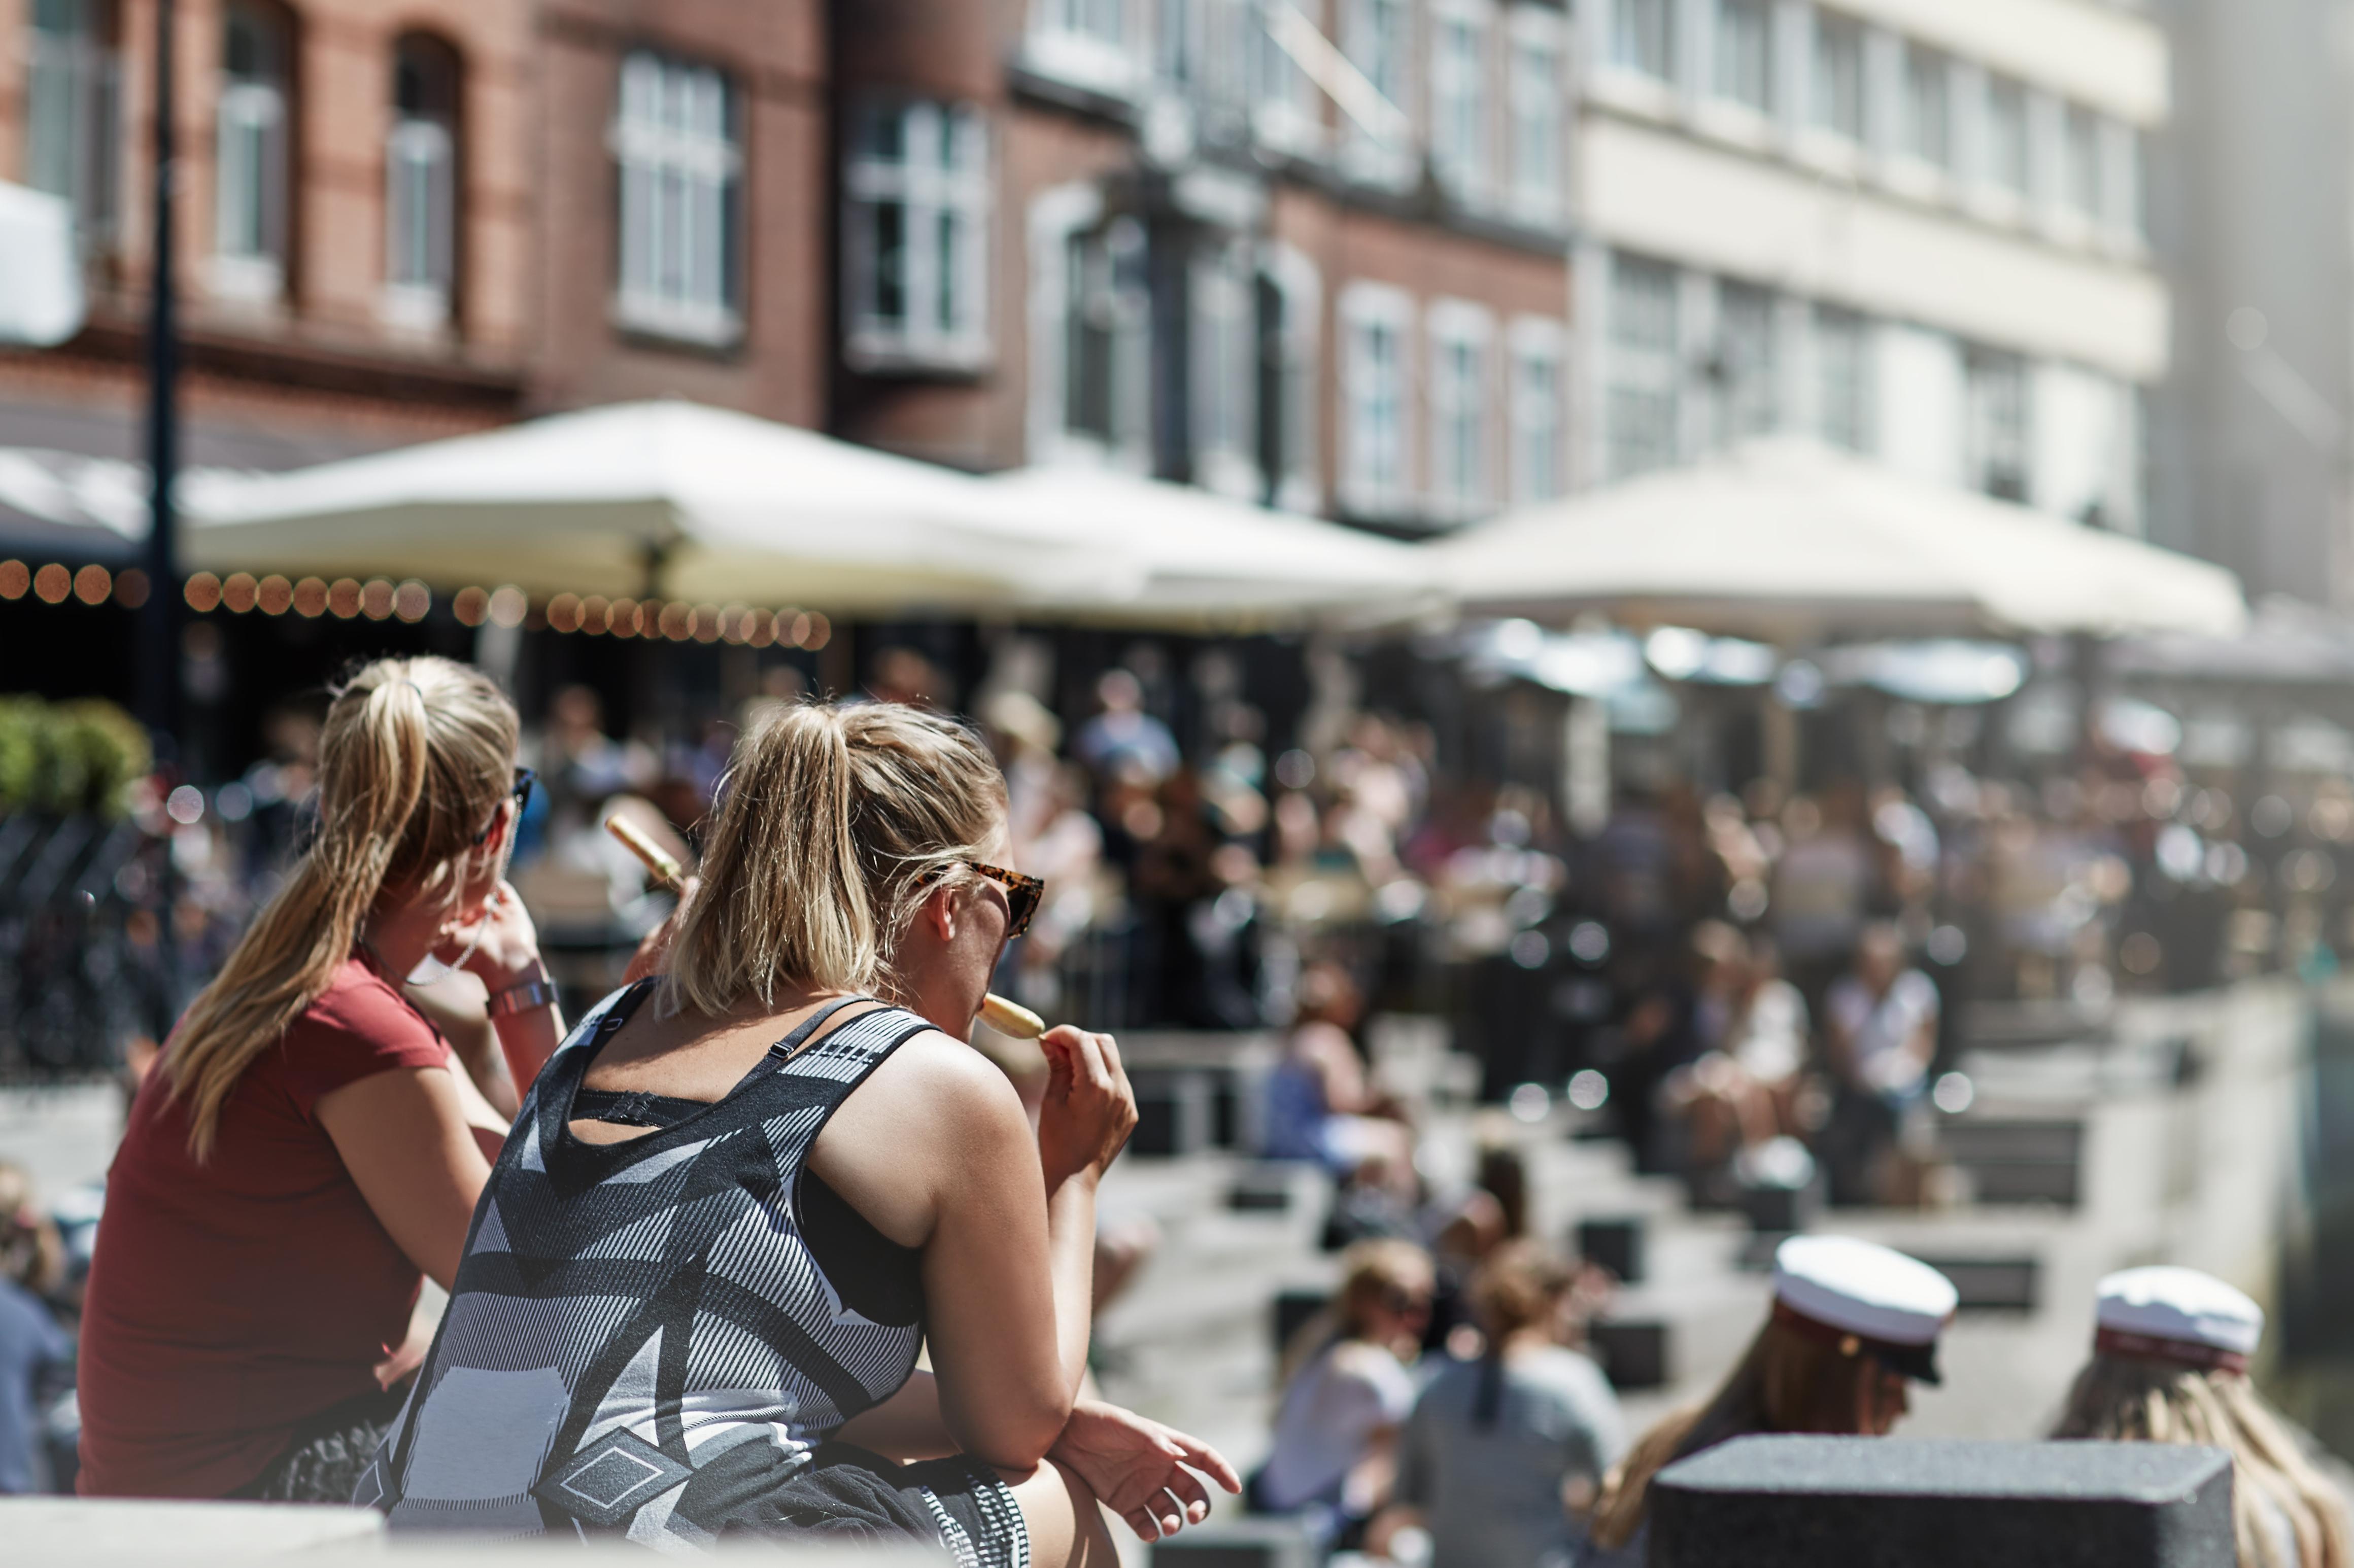 Danske Guldsmeden Hotels har planer om et hotel med cirka 200 værelser i Aarhus, hvor kæden i 1999 åbnede for første gang. Arkivfoto: VisitDenmark.